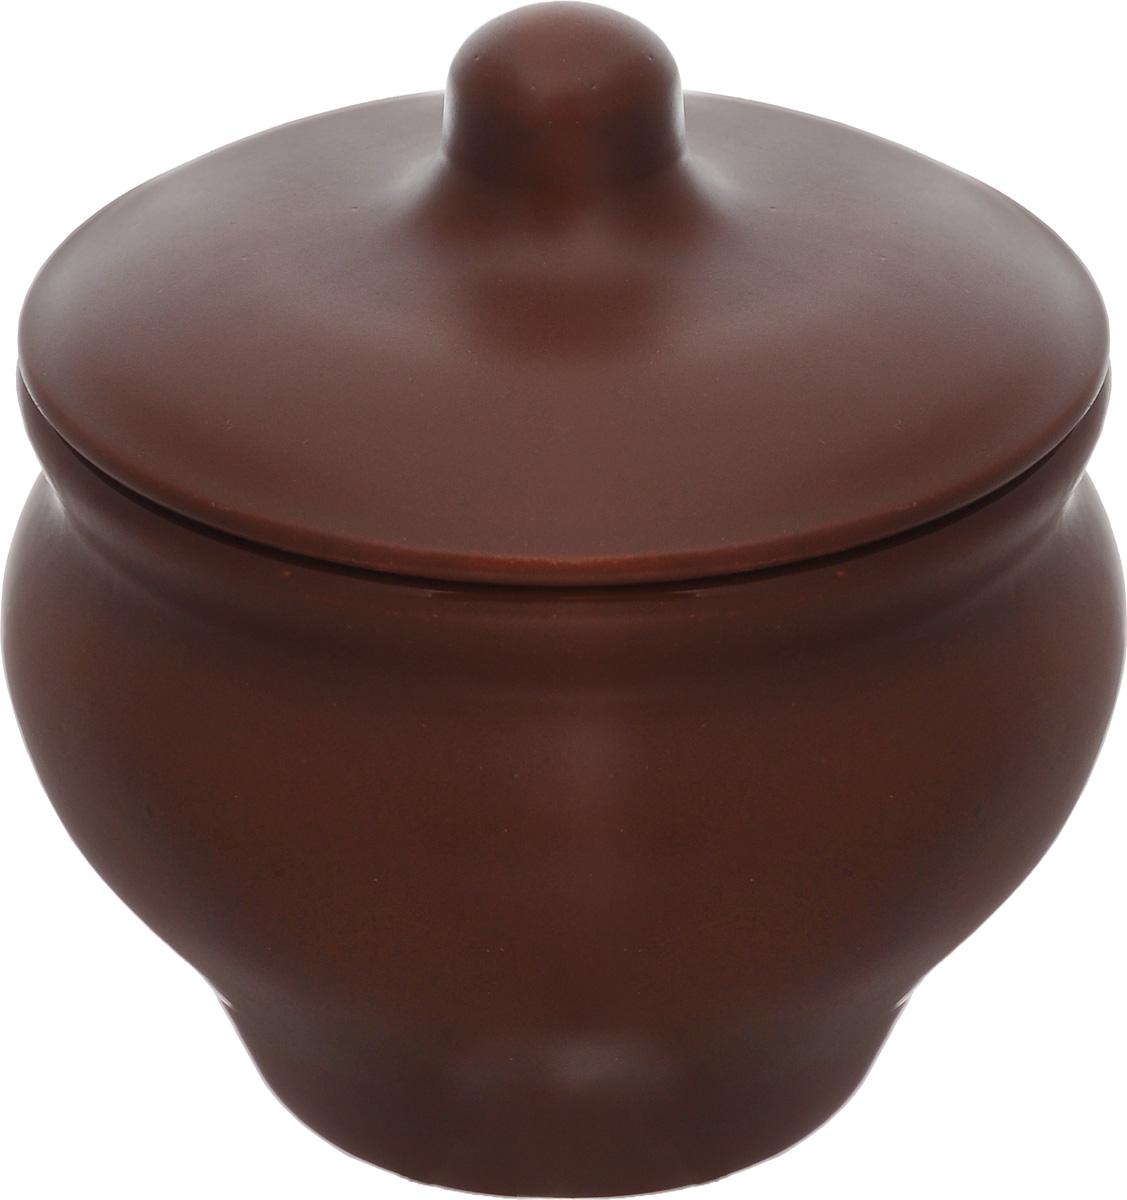 Горшочек для запекания Борисовская керамика Мечта хозяйки, цвет: коричневый, 350 мл391602Если вы любите готовить небольшие блюда, вроде сытных жульенов или отдельно запеченного мяса – горшочек Борисовская керамика Мечта хозяйки именно для вас. Объем изделия позволяет использовать его для приготовления мини-блюд.Но это еще не все - горшочек будет очень удобен для хранения специй и приправ. Он выполнен из высококачественной керамики. В результате вы получаете одновременно посуду для приготовления и емкость для хранения.Горшочек подходит для использования в духовке и микроволновой печи.Диаметр (по верхнему краю): 9,7 см.Высота горшочка (без учета крышки): 8 см.